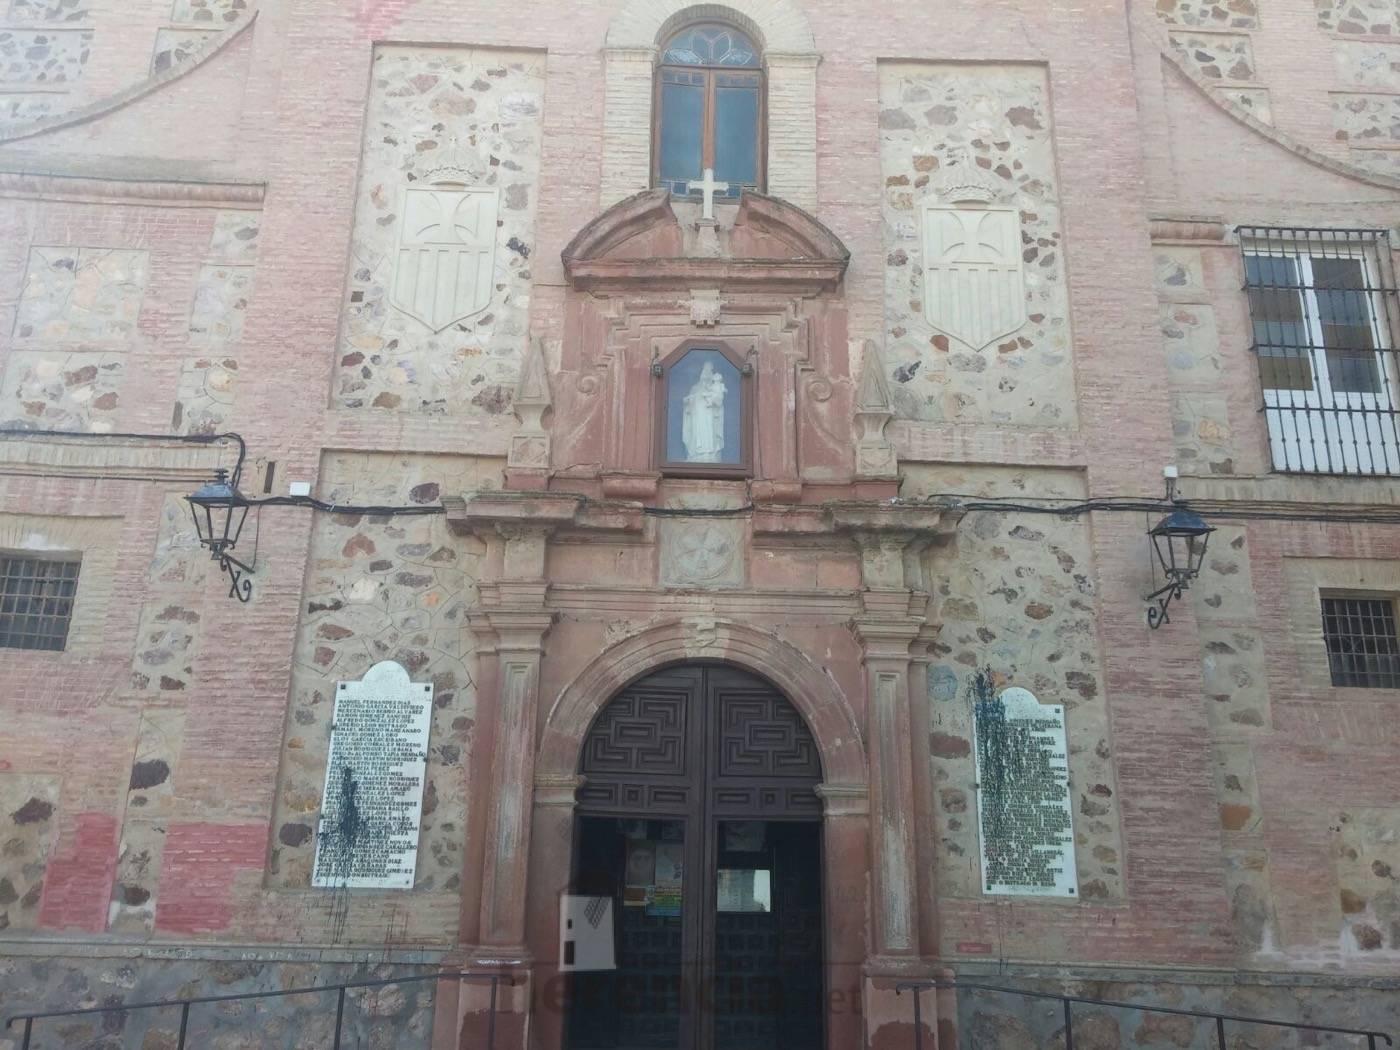 placas en memoria a los caidos en fachada del convento de herencia 2 - Eliminadas las leyendas franquistas de la placas de Herencia en honor a los caídos